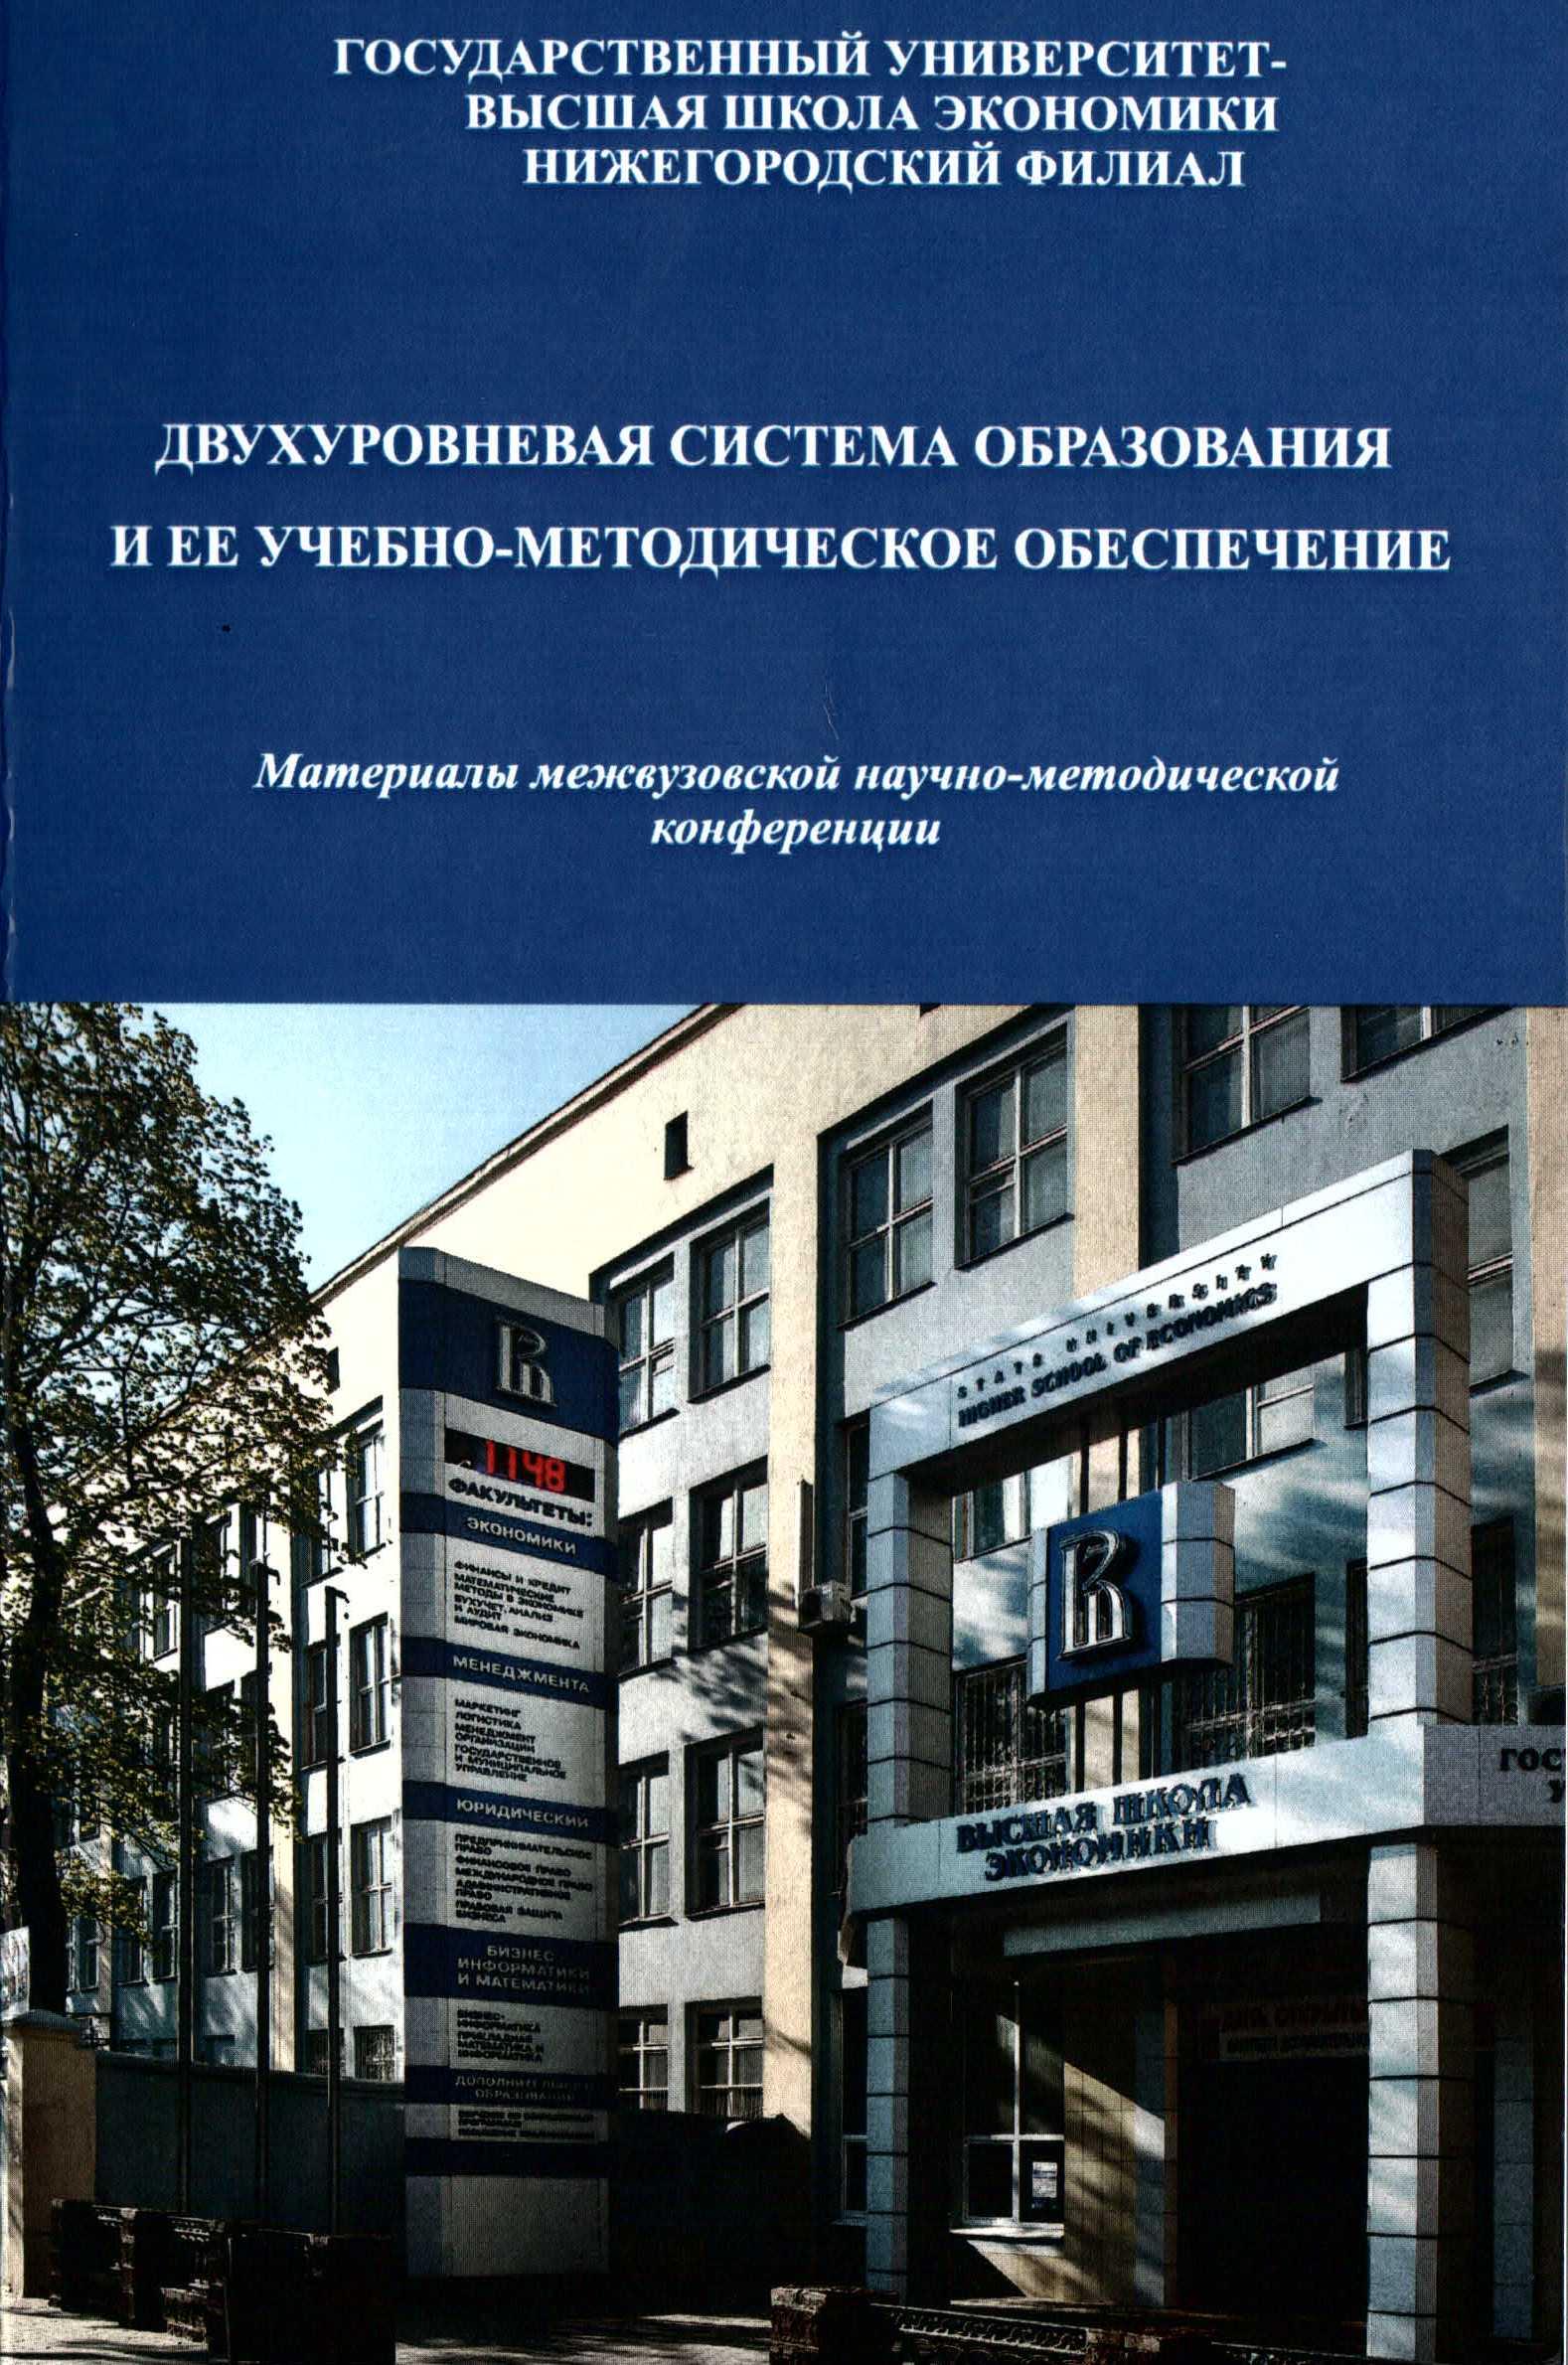 Двухуровневая система образования и ее учебно-методическое обеспечение: материалы межвузовской научно-методической конференции